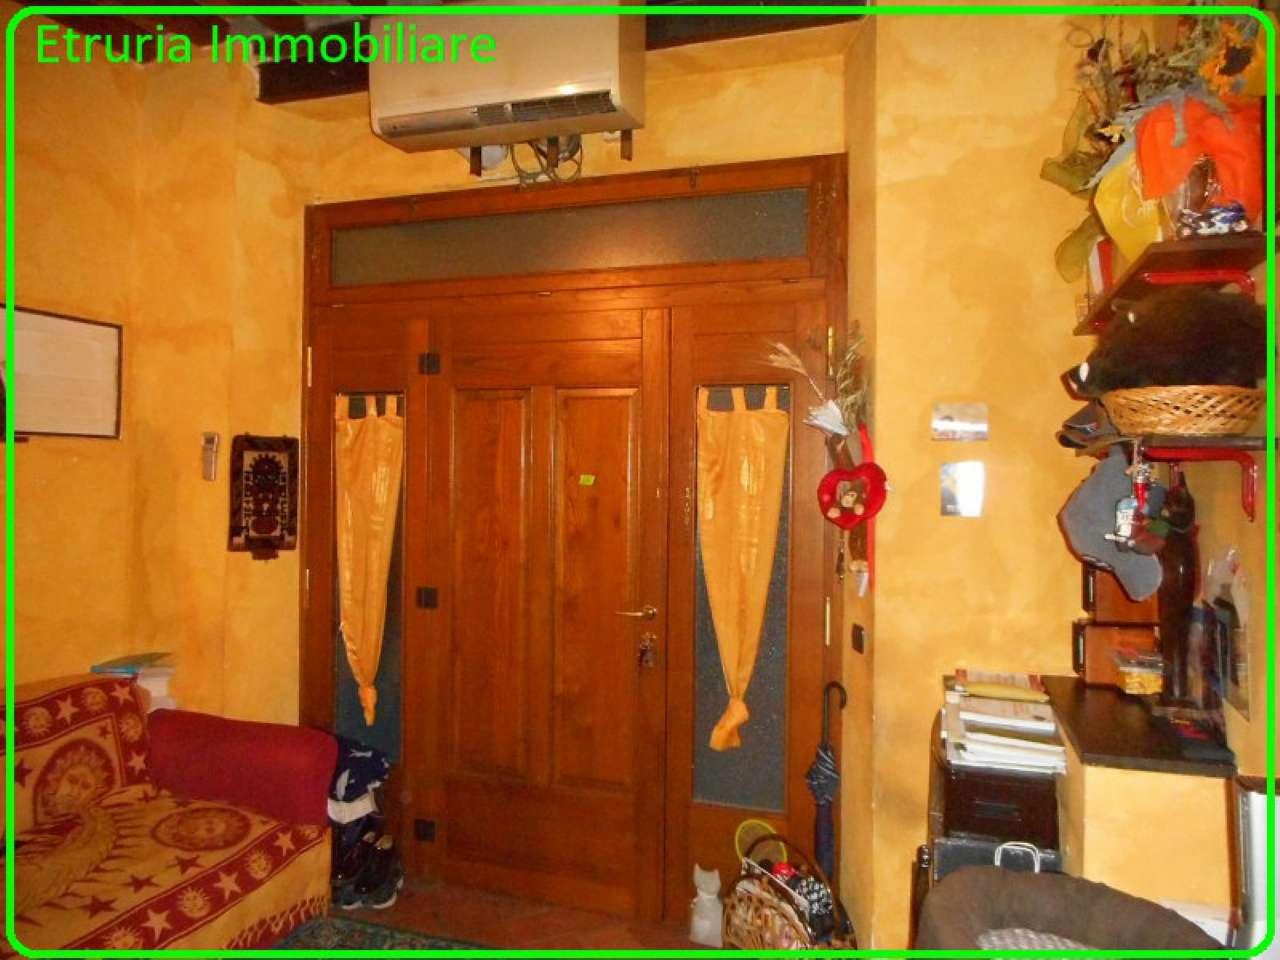 Negozio / Locale in vendita a Pistoia, 1 locali, prezzo € 65.000 | CambioCasa.it